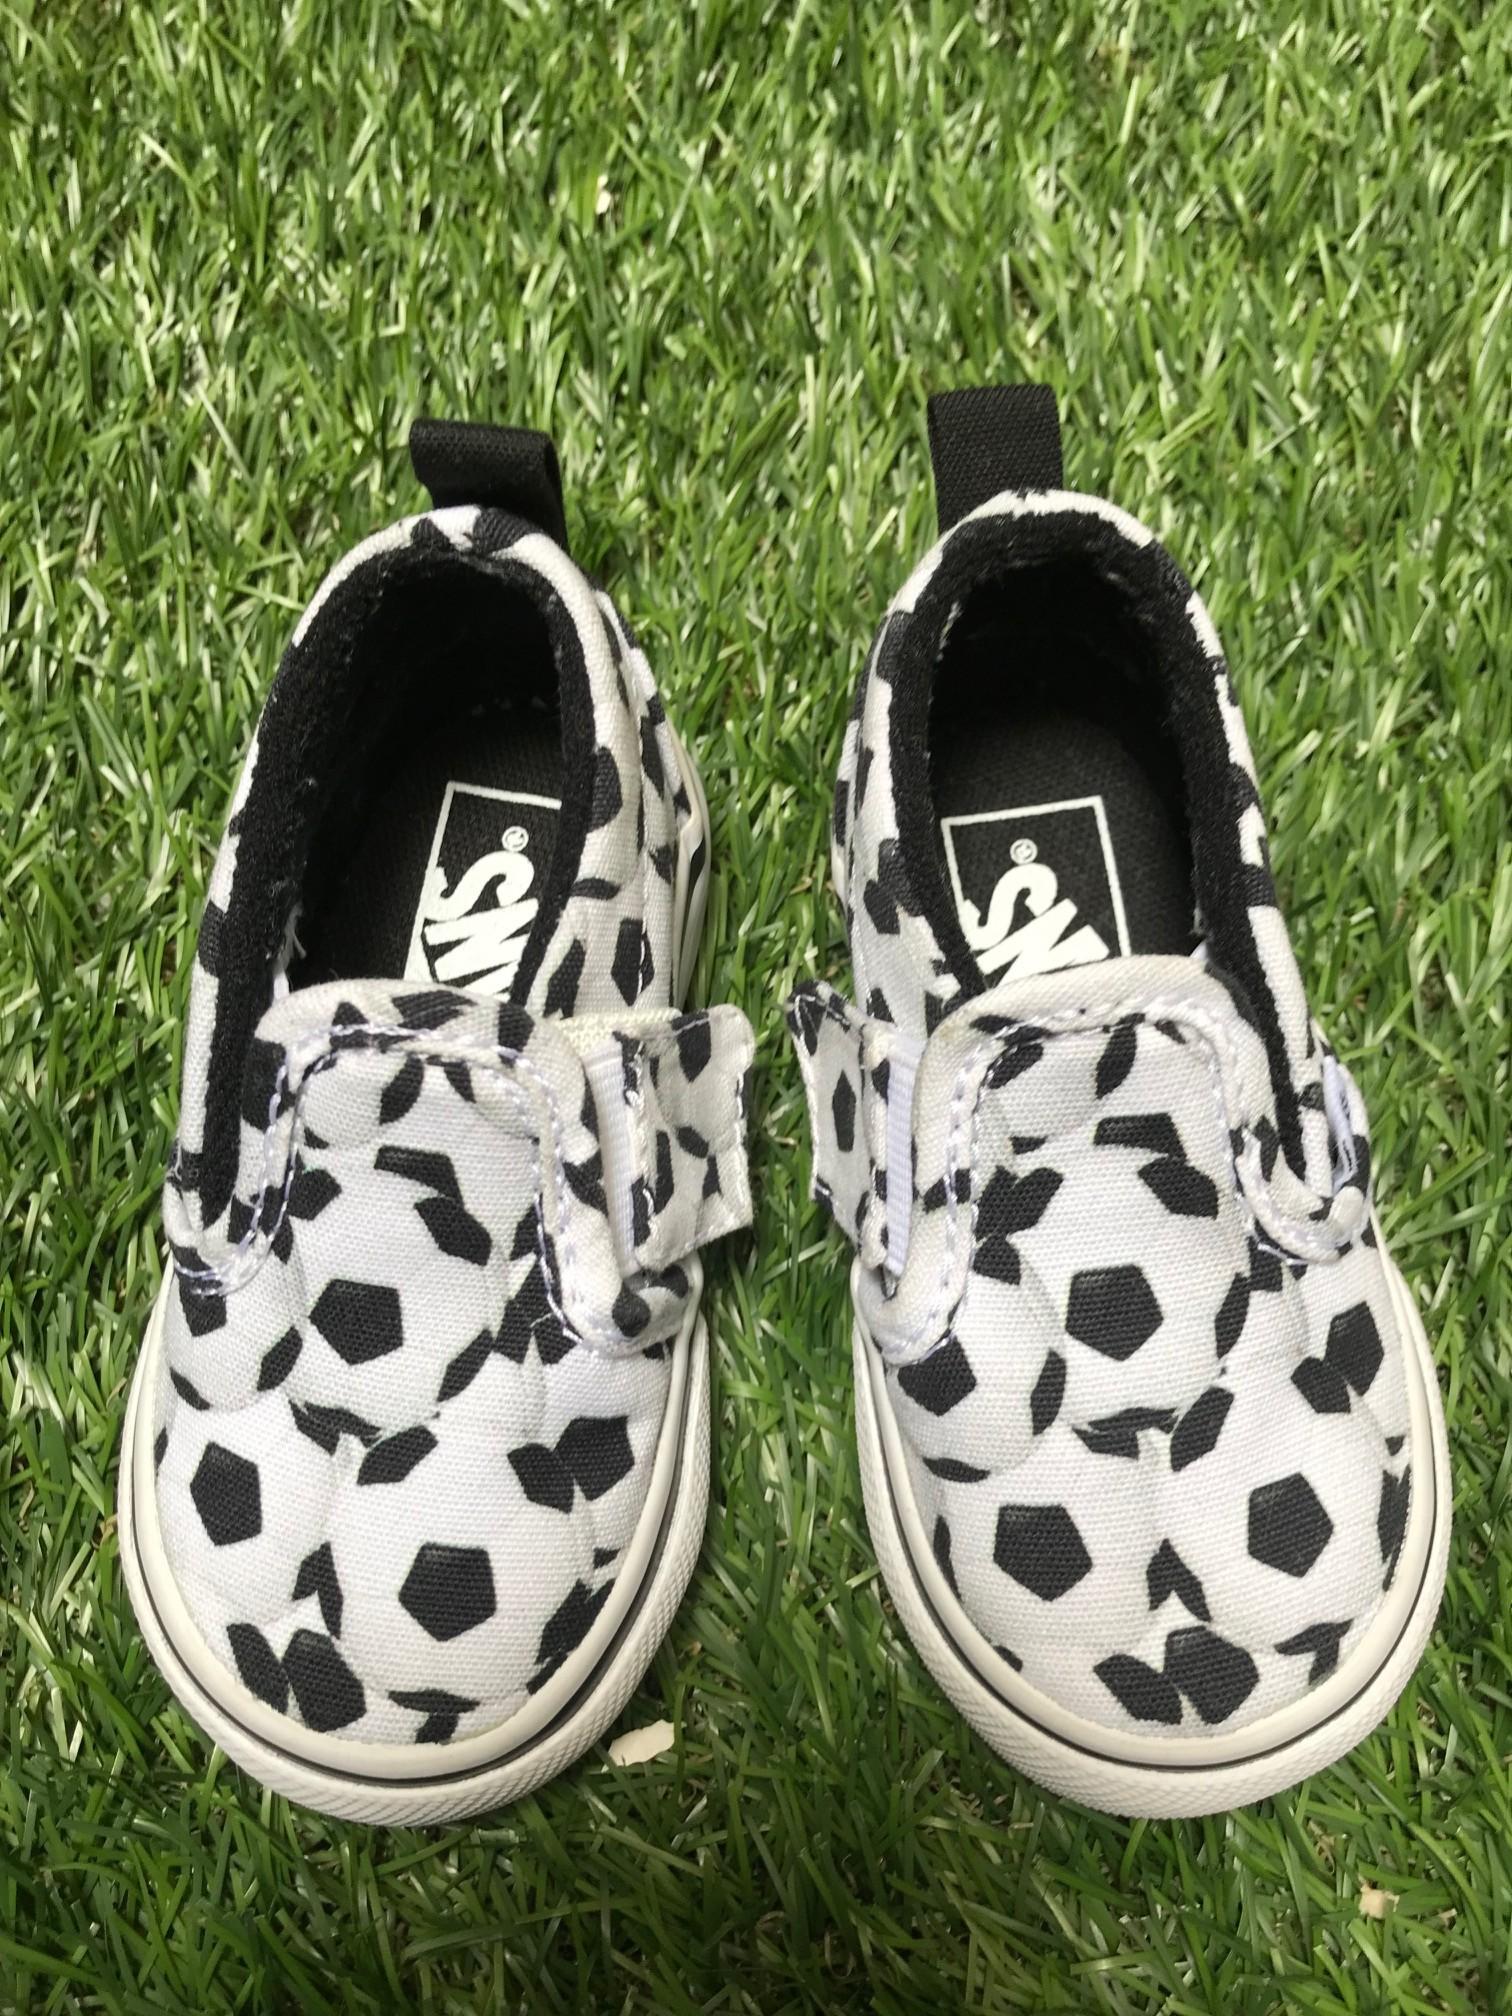 33c8ba3492 Vans Toddler Shoes (US Size 4)